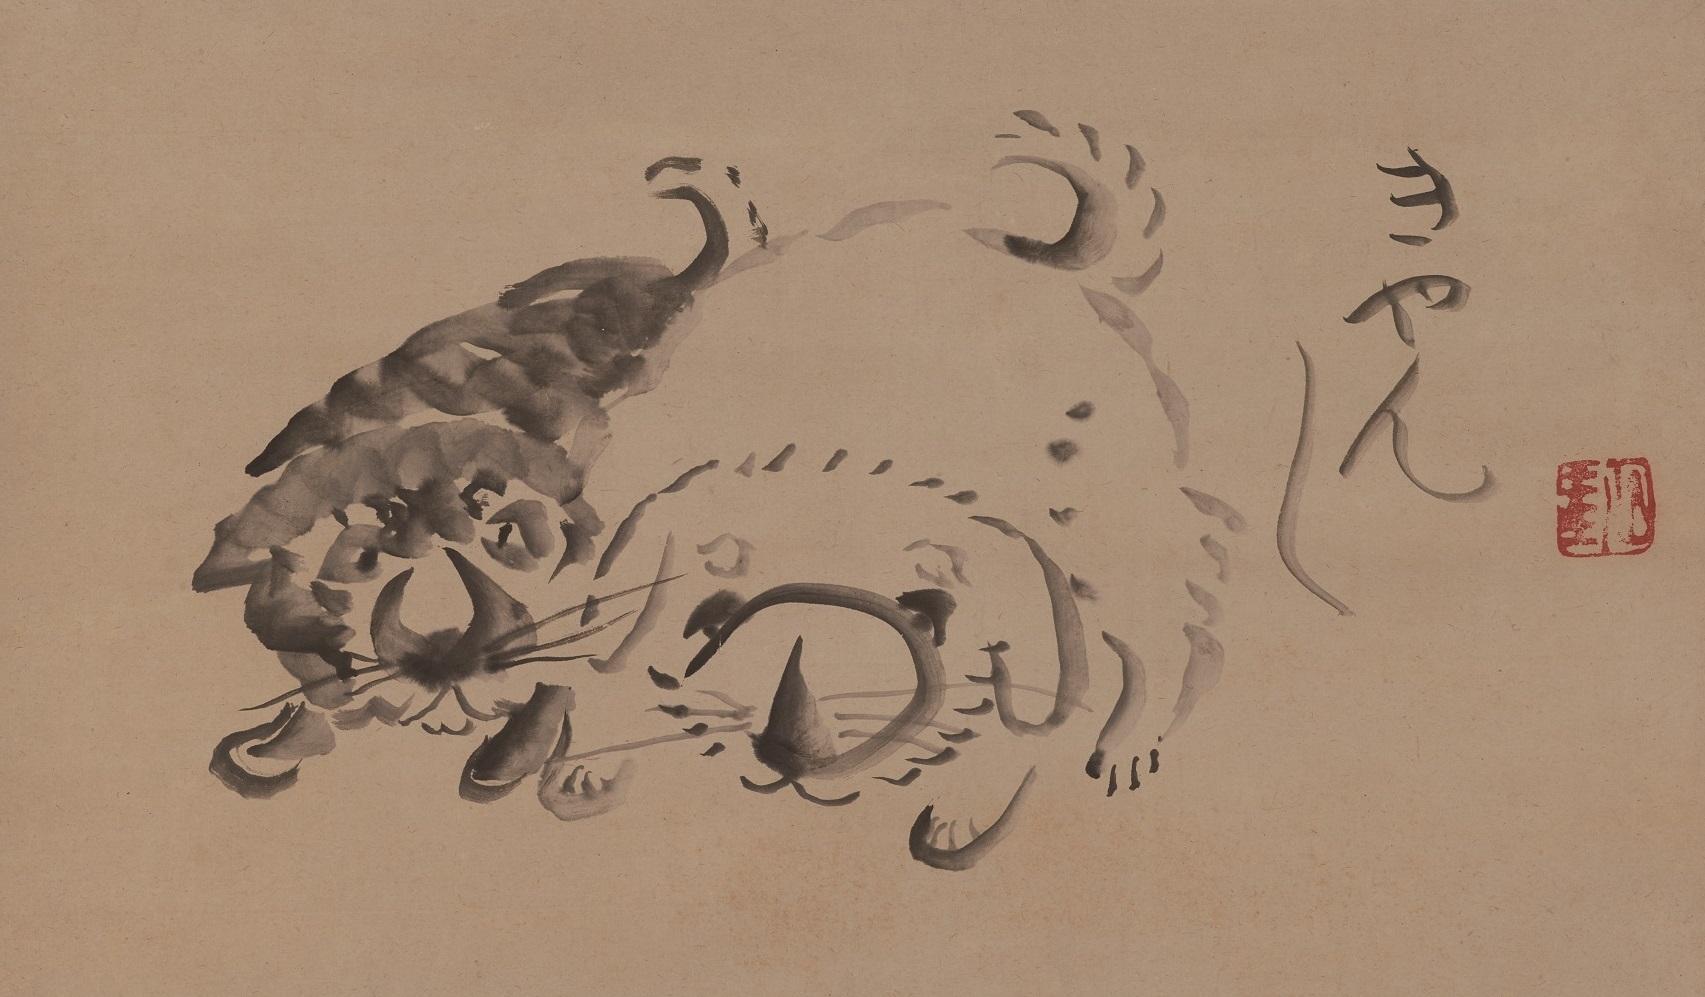 仙厓義梵筆 《双狗図》